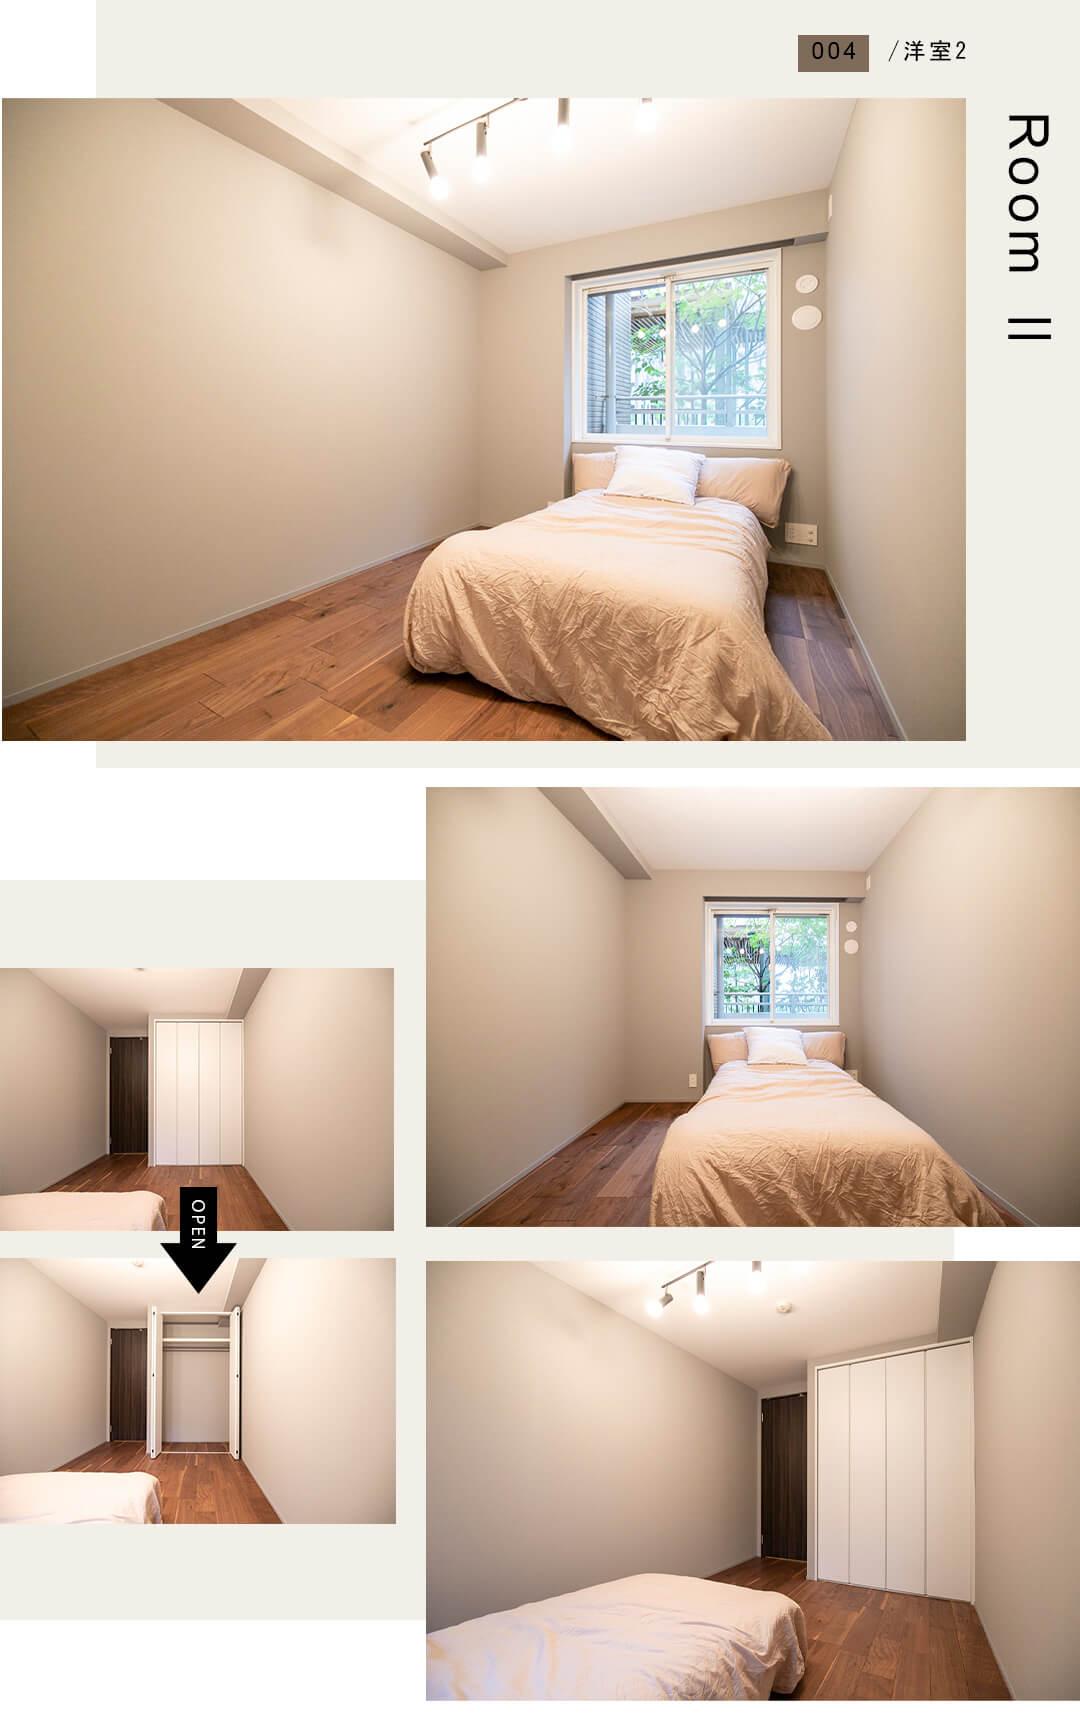 004洋室2 Room Ⅱ